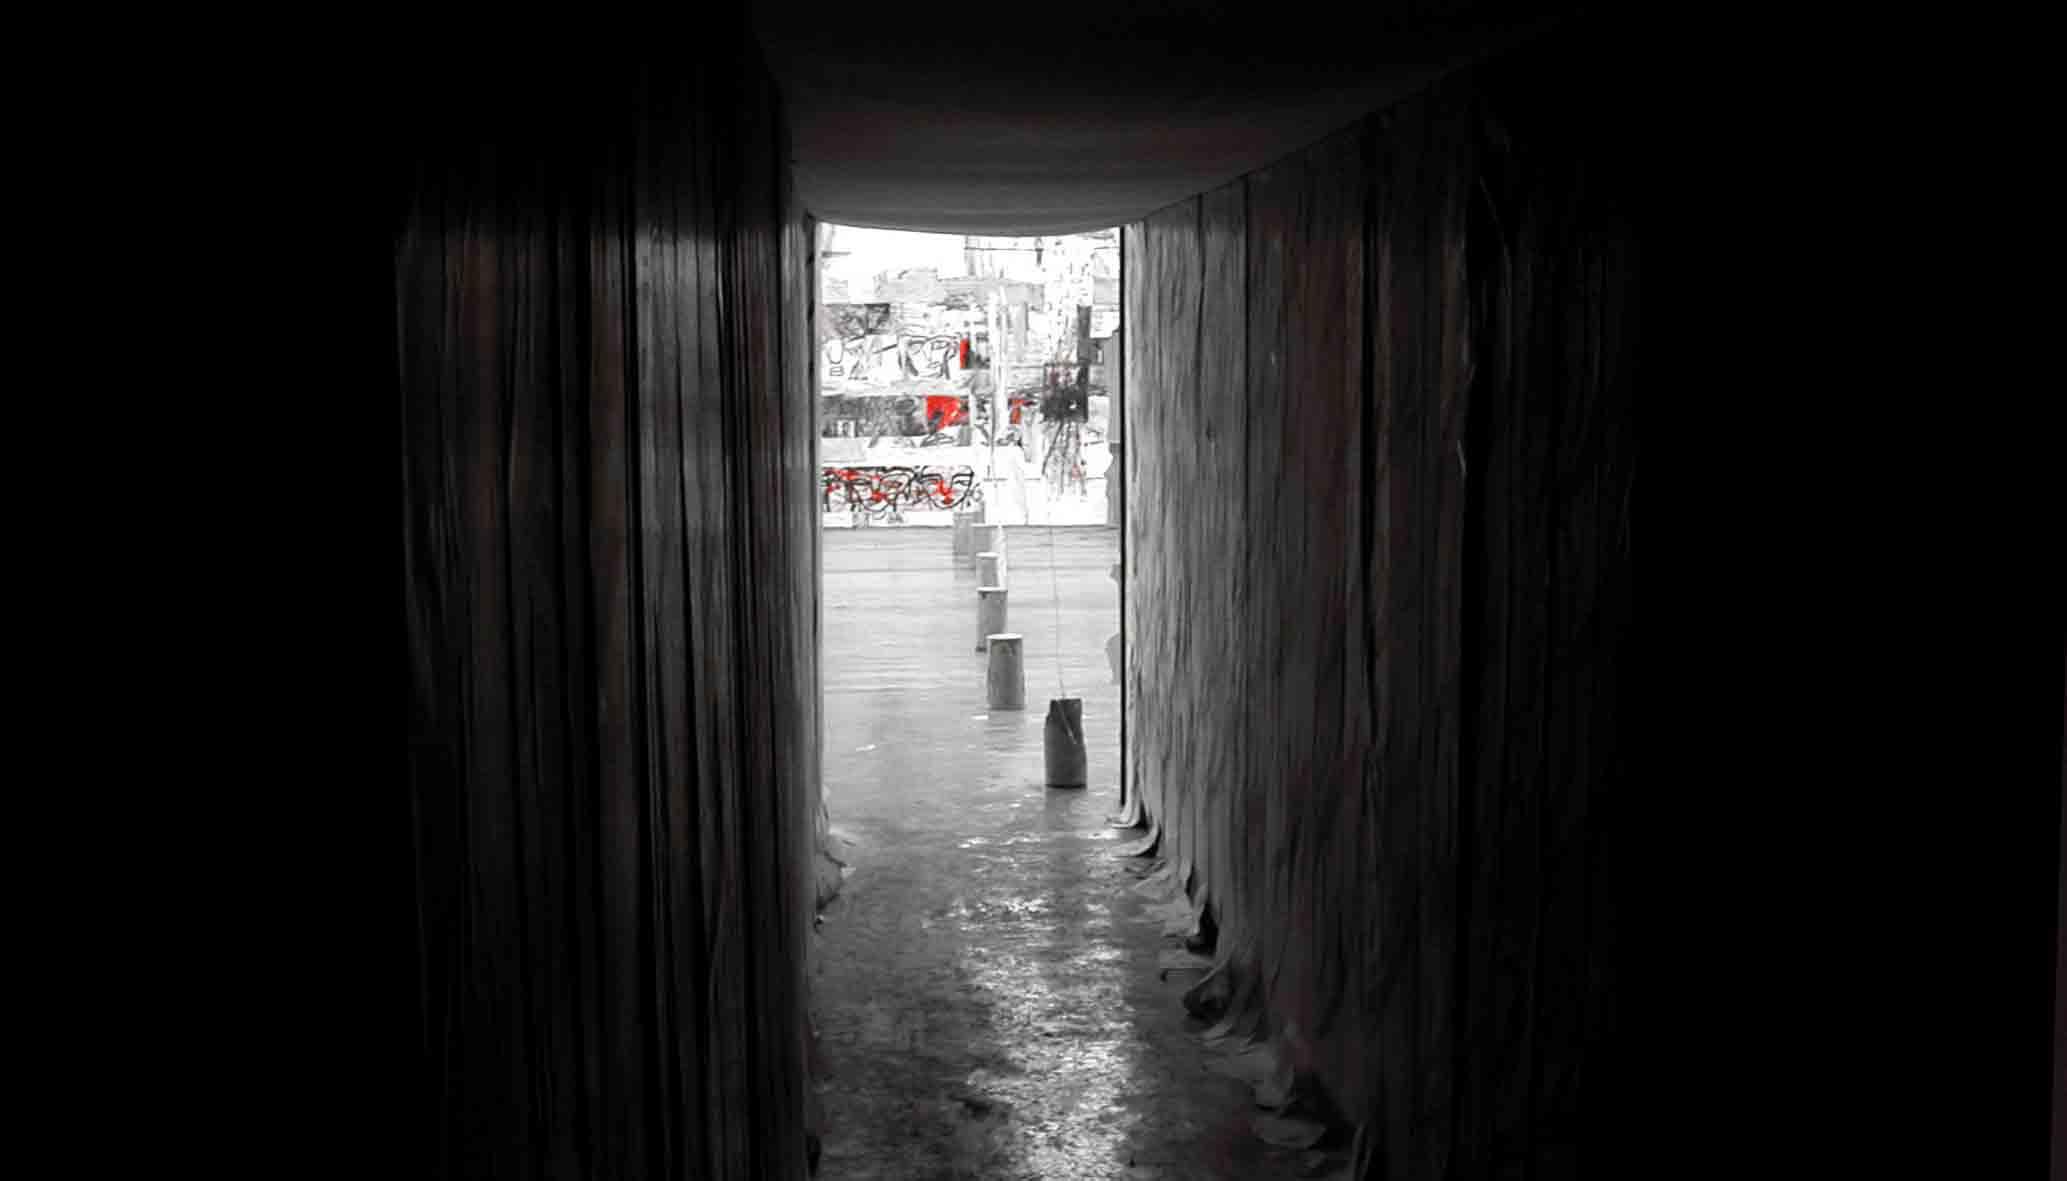 alfred_tarazi_fragments_silent_film_aub_fyp_21.jpg